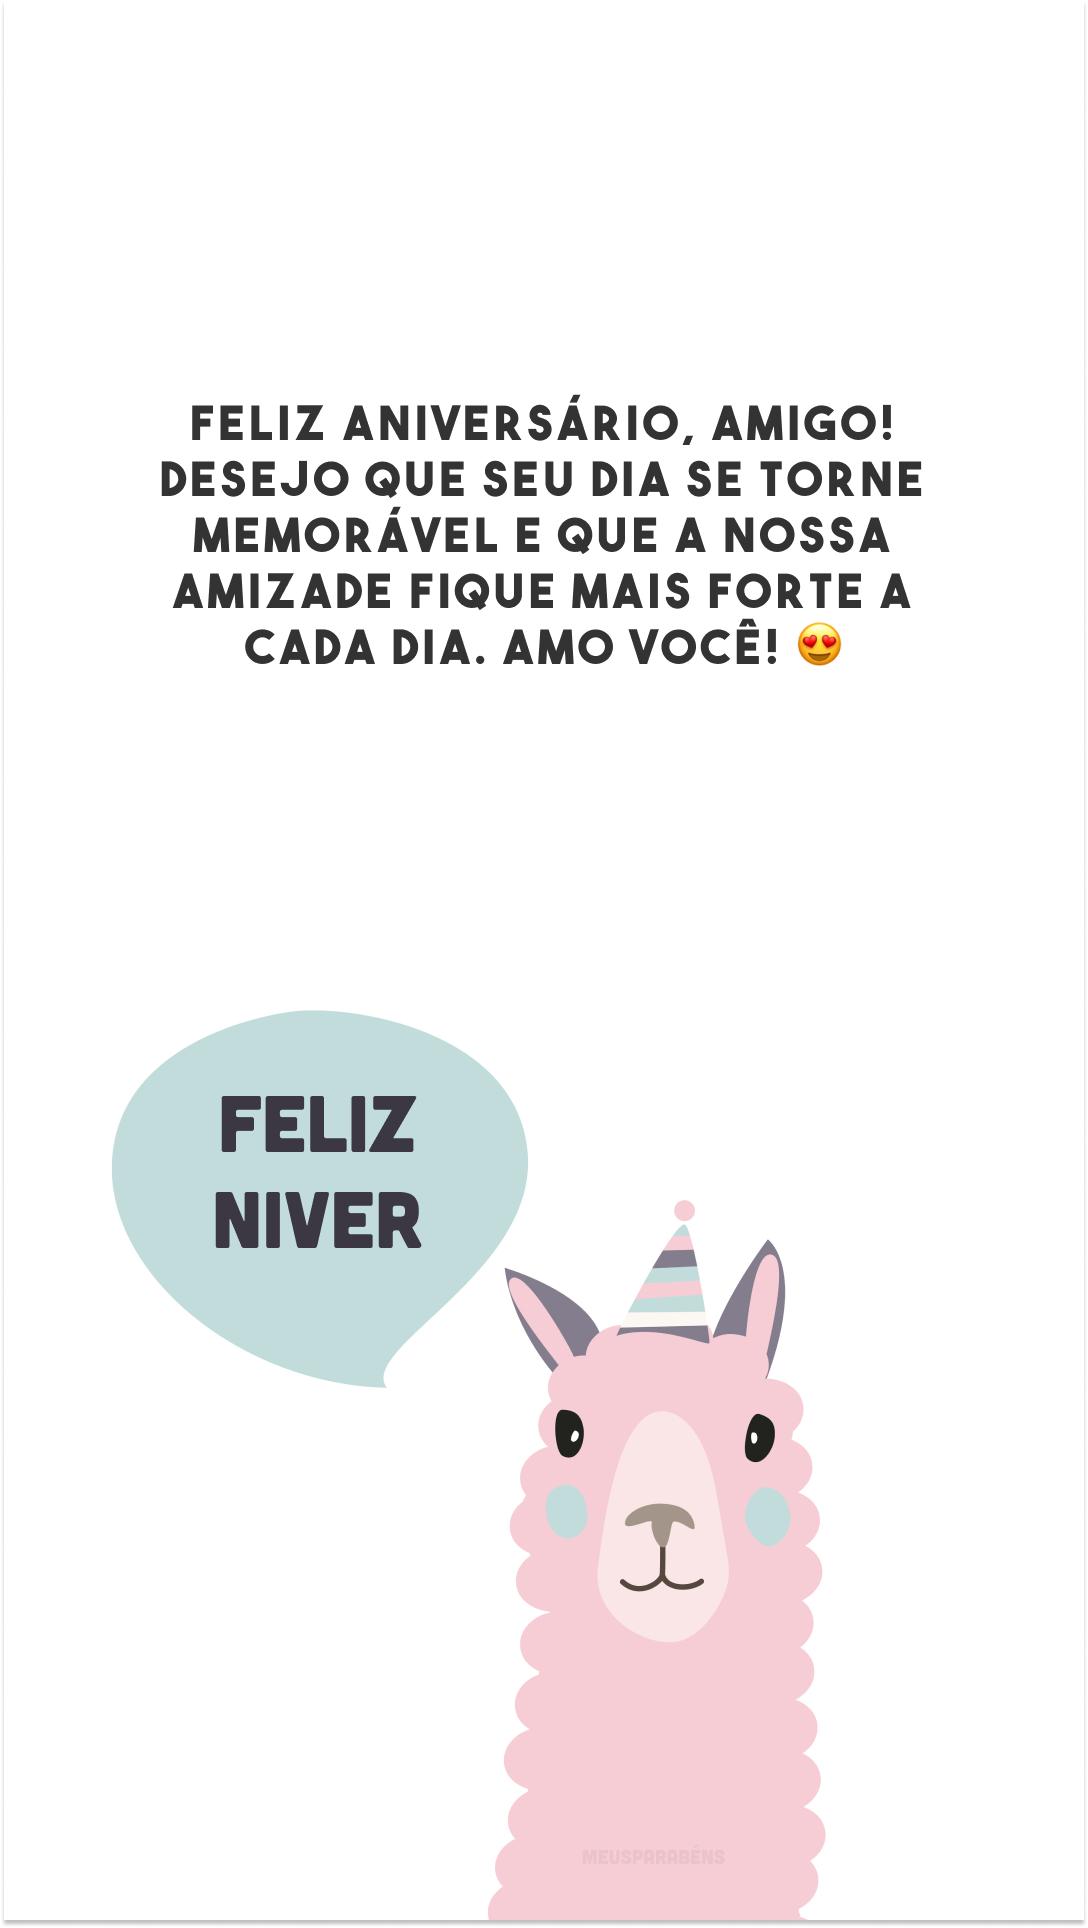 Feliz aniversário, amigo! Desejo que seu dia se torne memorável e que a nossa amizade fique mais forte a cada dia. Amo você! 😍